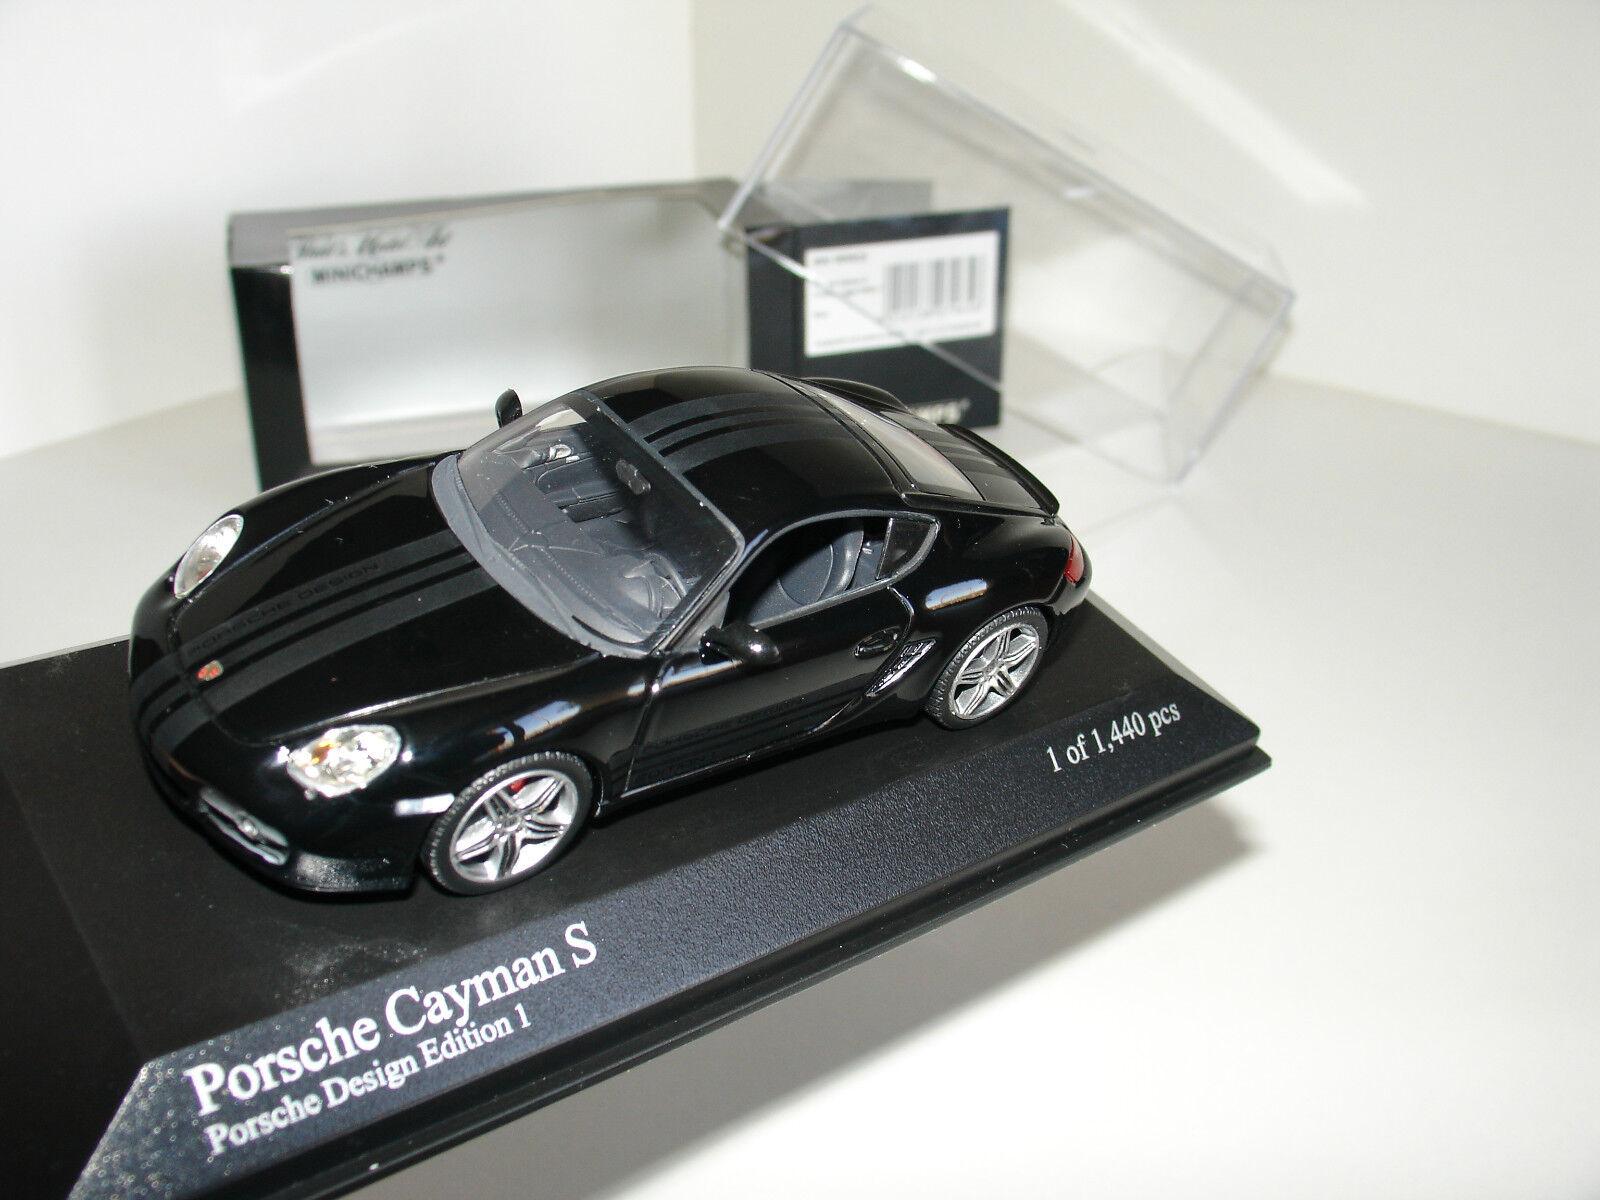 143 Porsche Cayuomo S PORSCHE DESING EDIZIONE 1 Nero da Minichamps